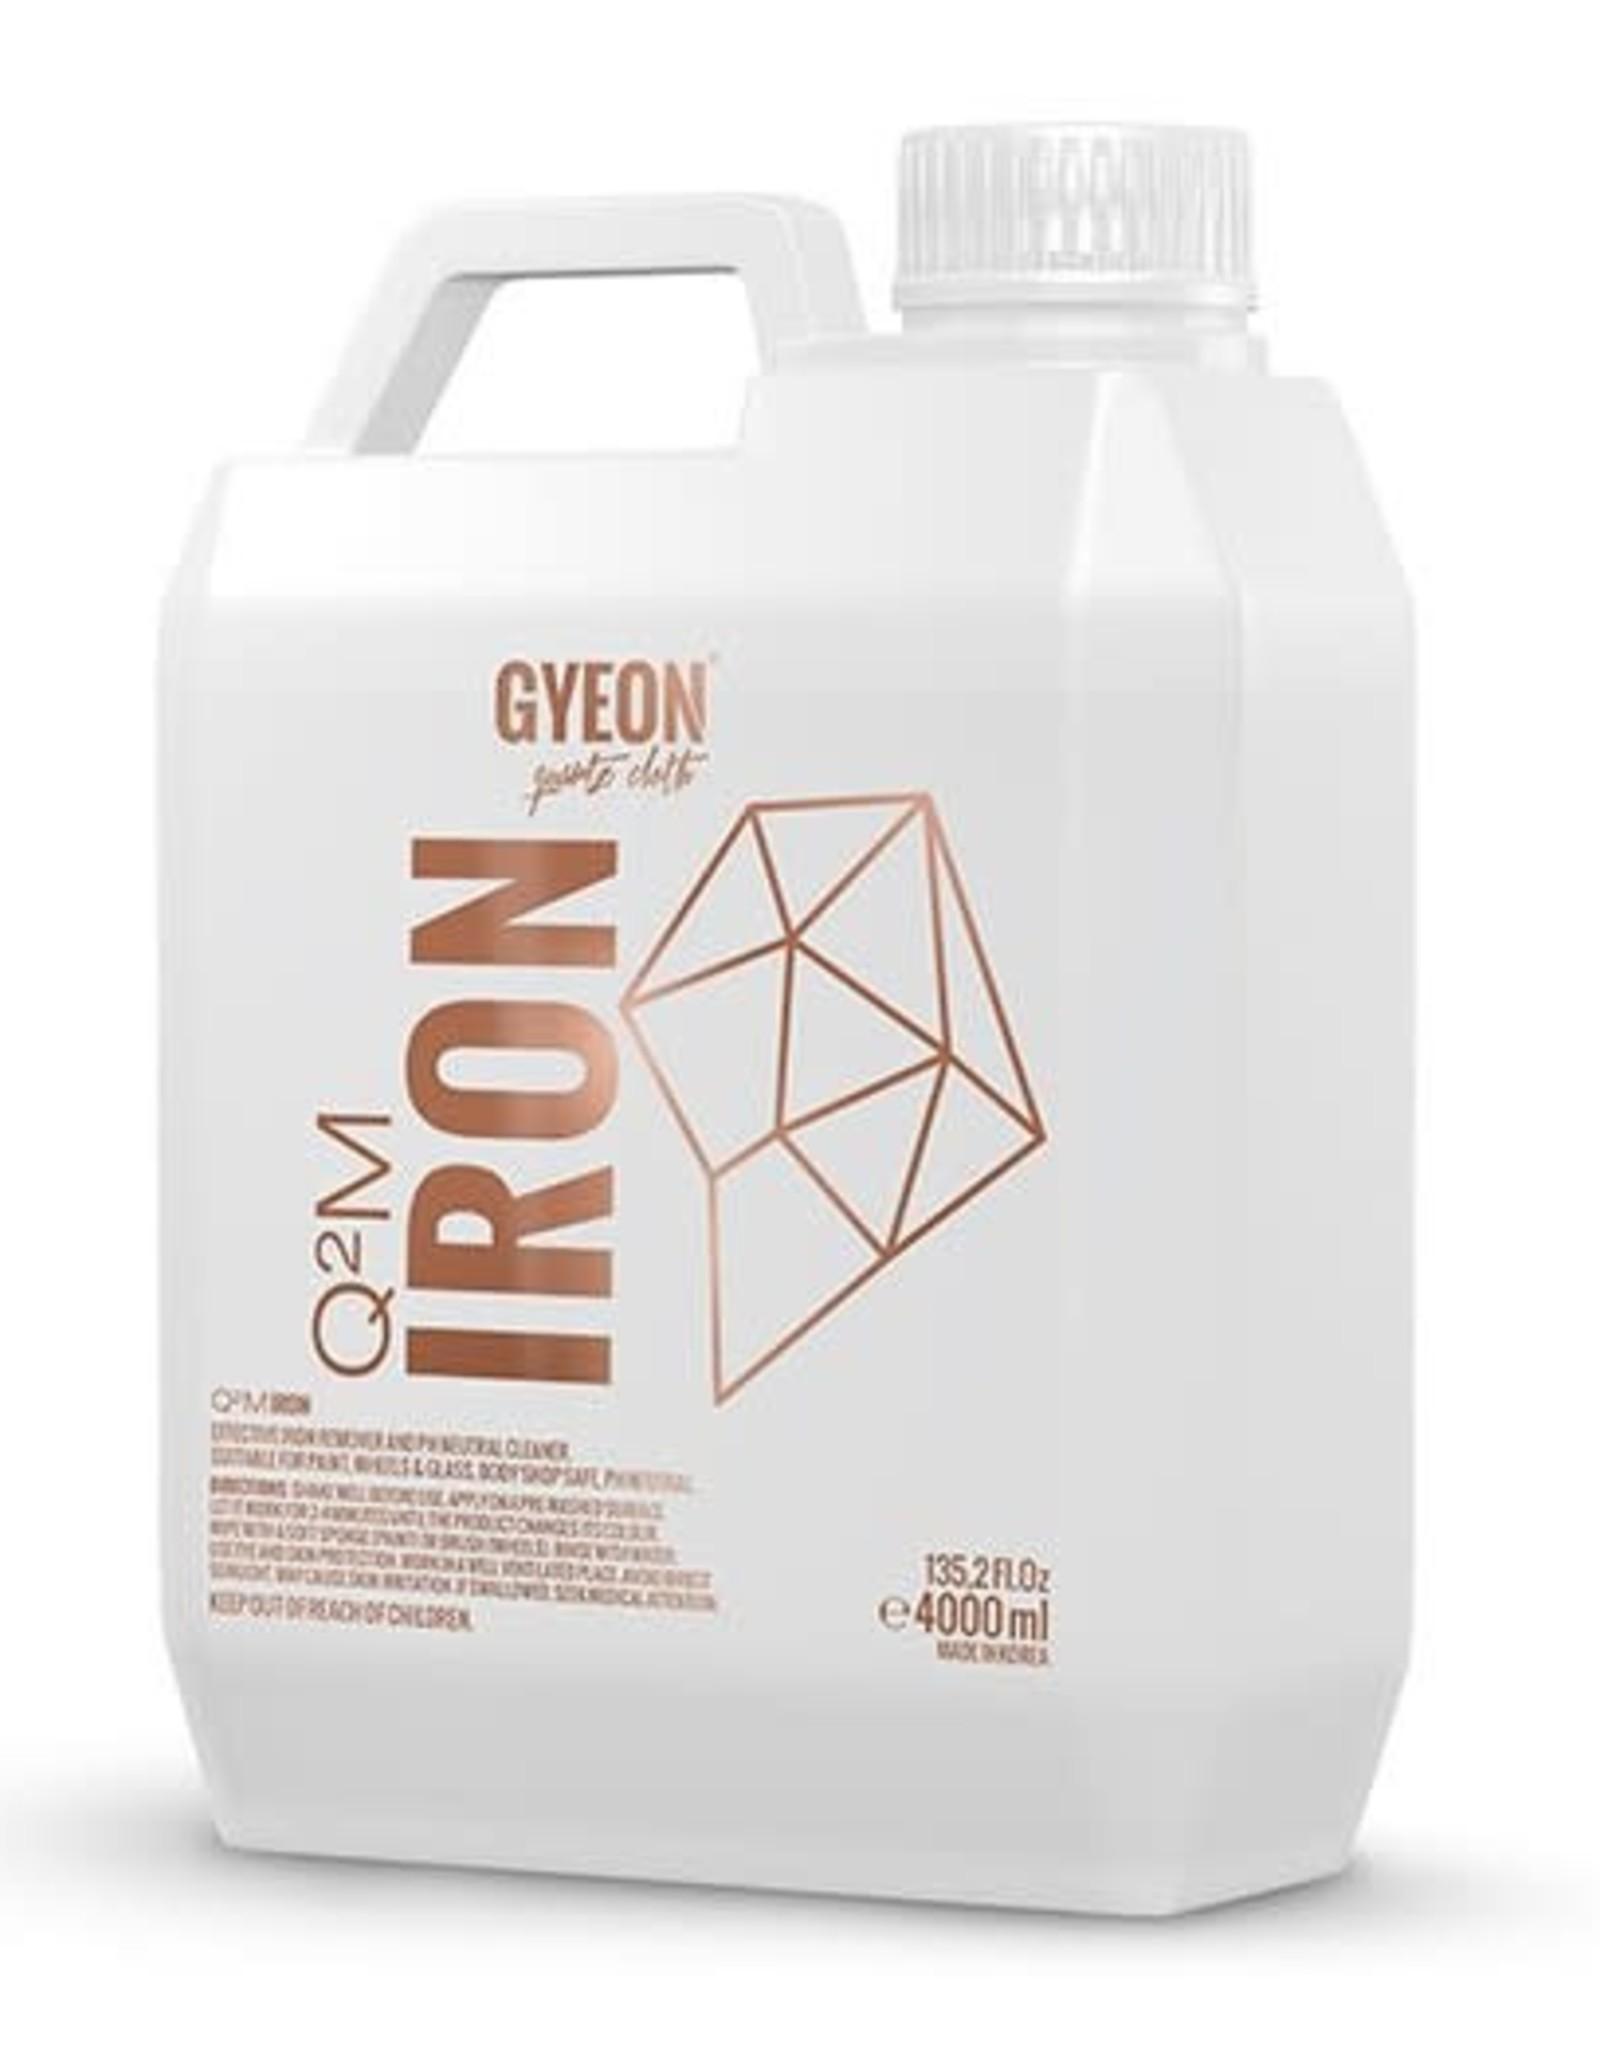 Gyeon Q²M Iron 4000ml